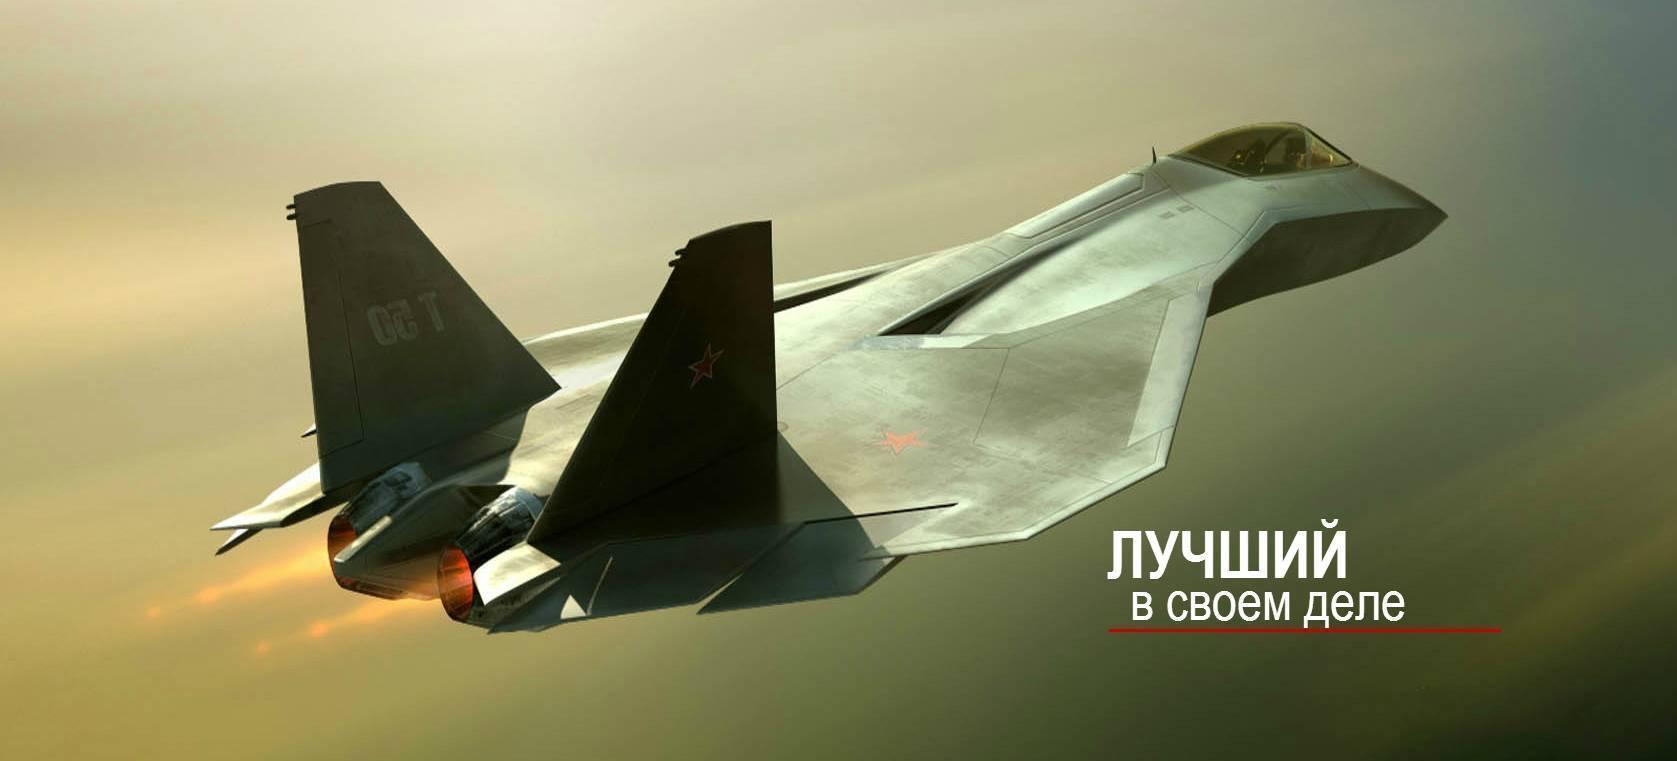 Черная чума – таинственный самолёт со зловещим прозвищем